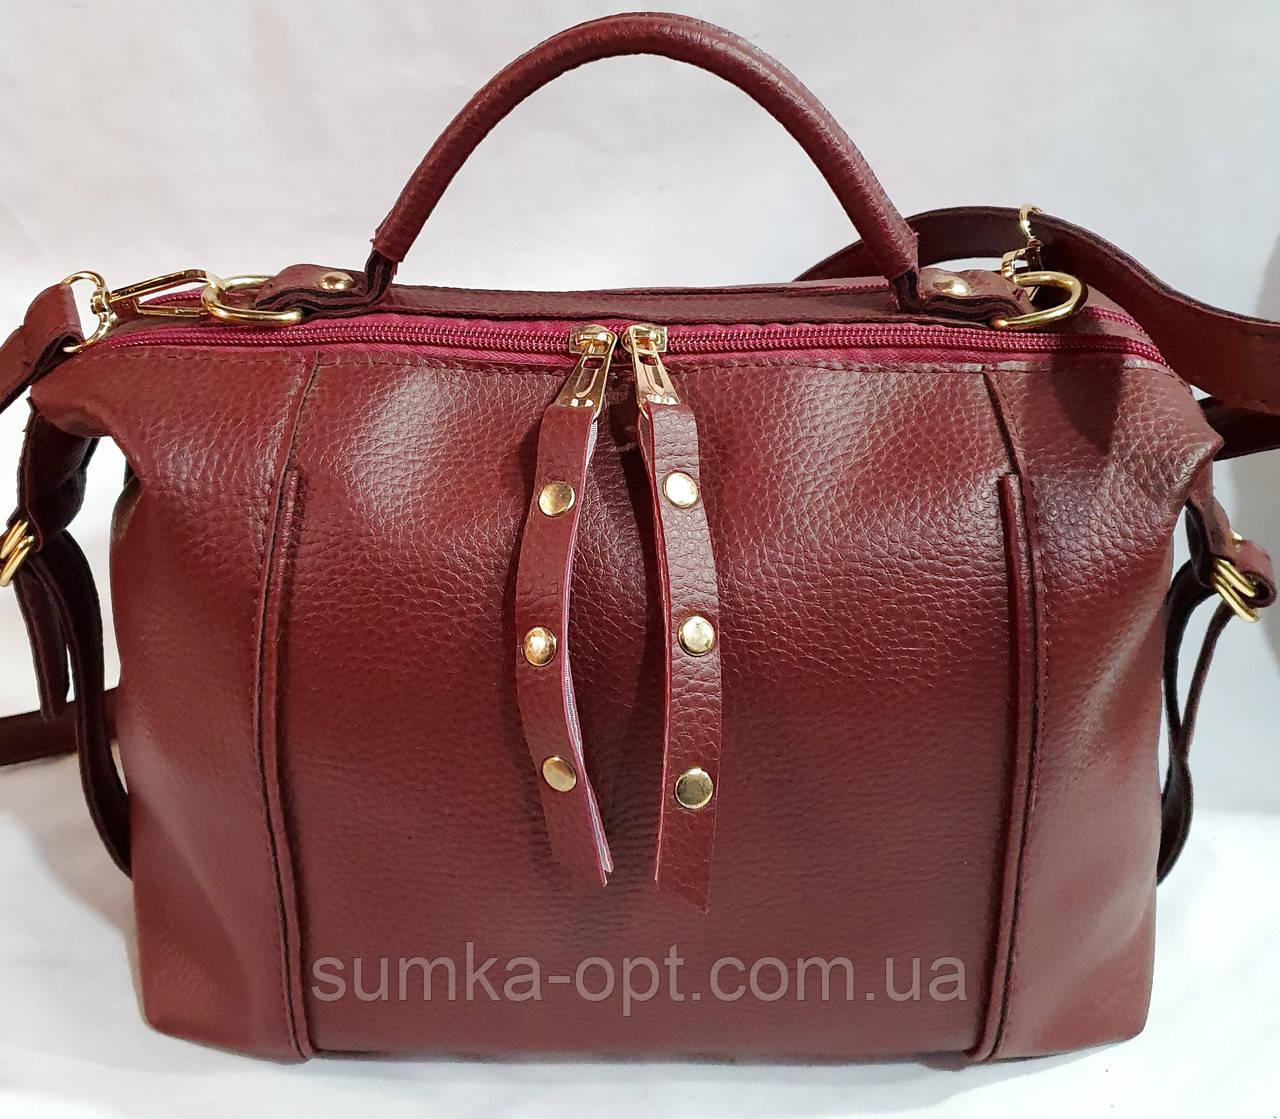 Брендовая женская сумка Zara с золотой фурнитурой и на 2 молнии 30*21 см (распродажа) бордовая